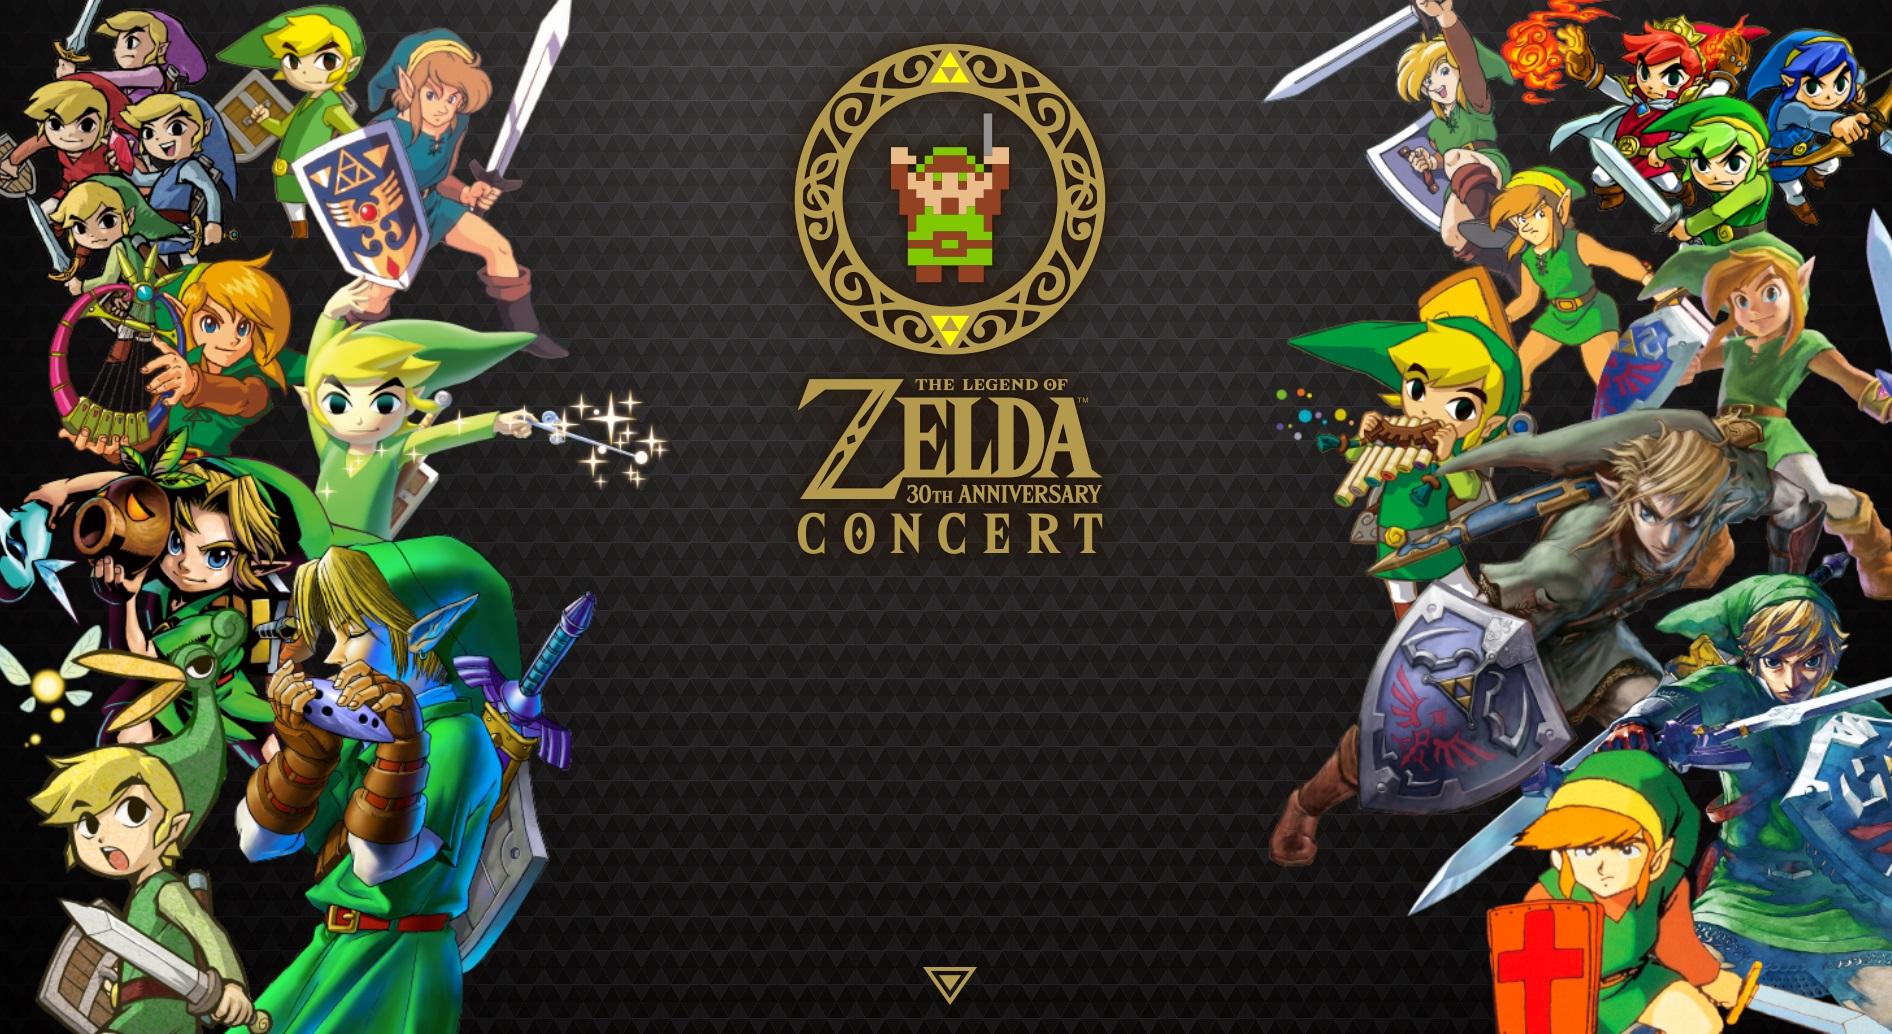 Zelda_JP_concerts_2016